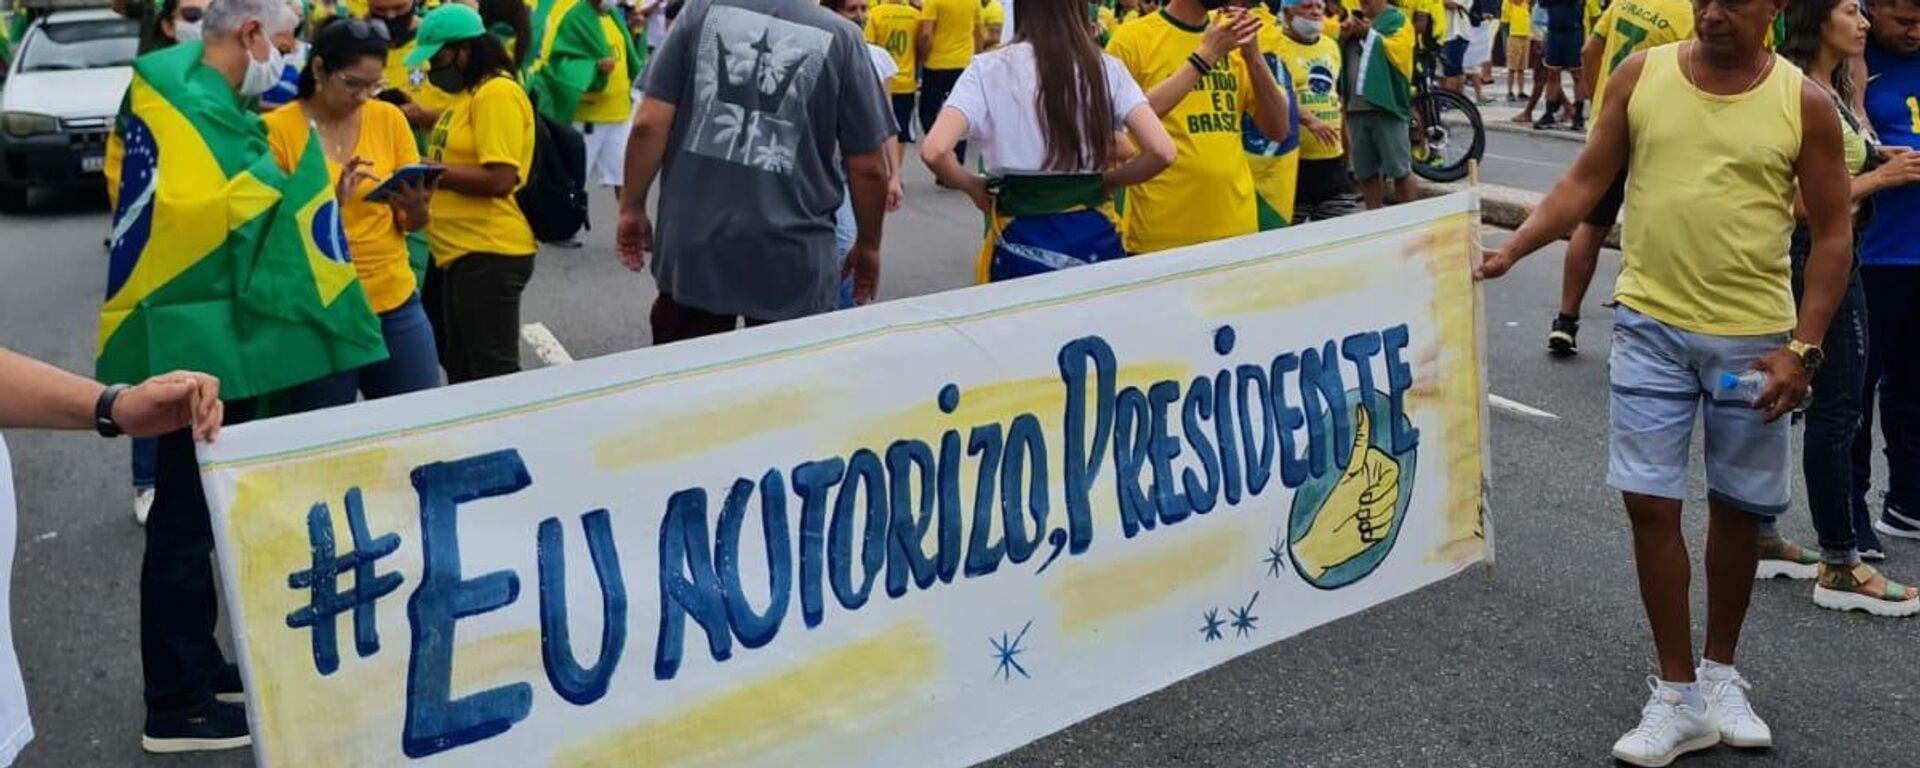 La manifestación en la playa de Copacabana, Río de Janeiro - Sputnik Mundo, 1920, 07.09.2021